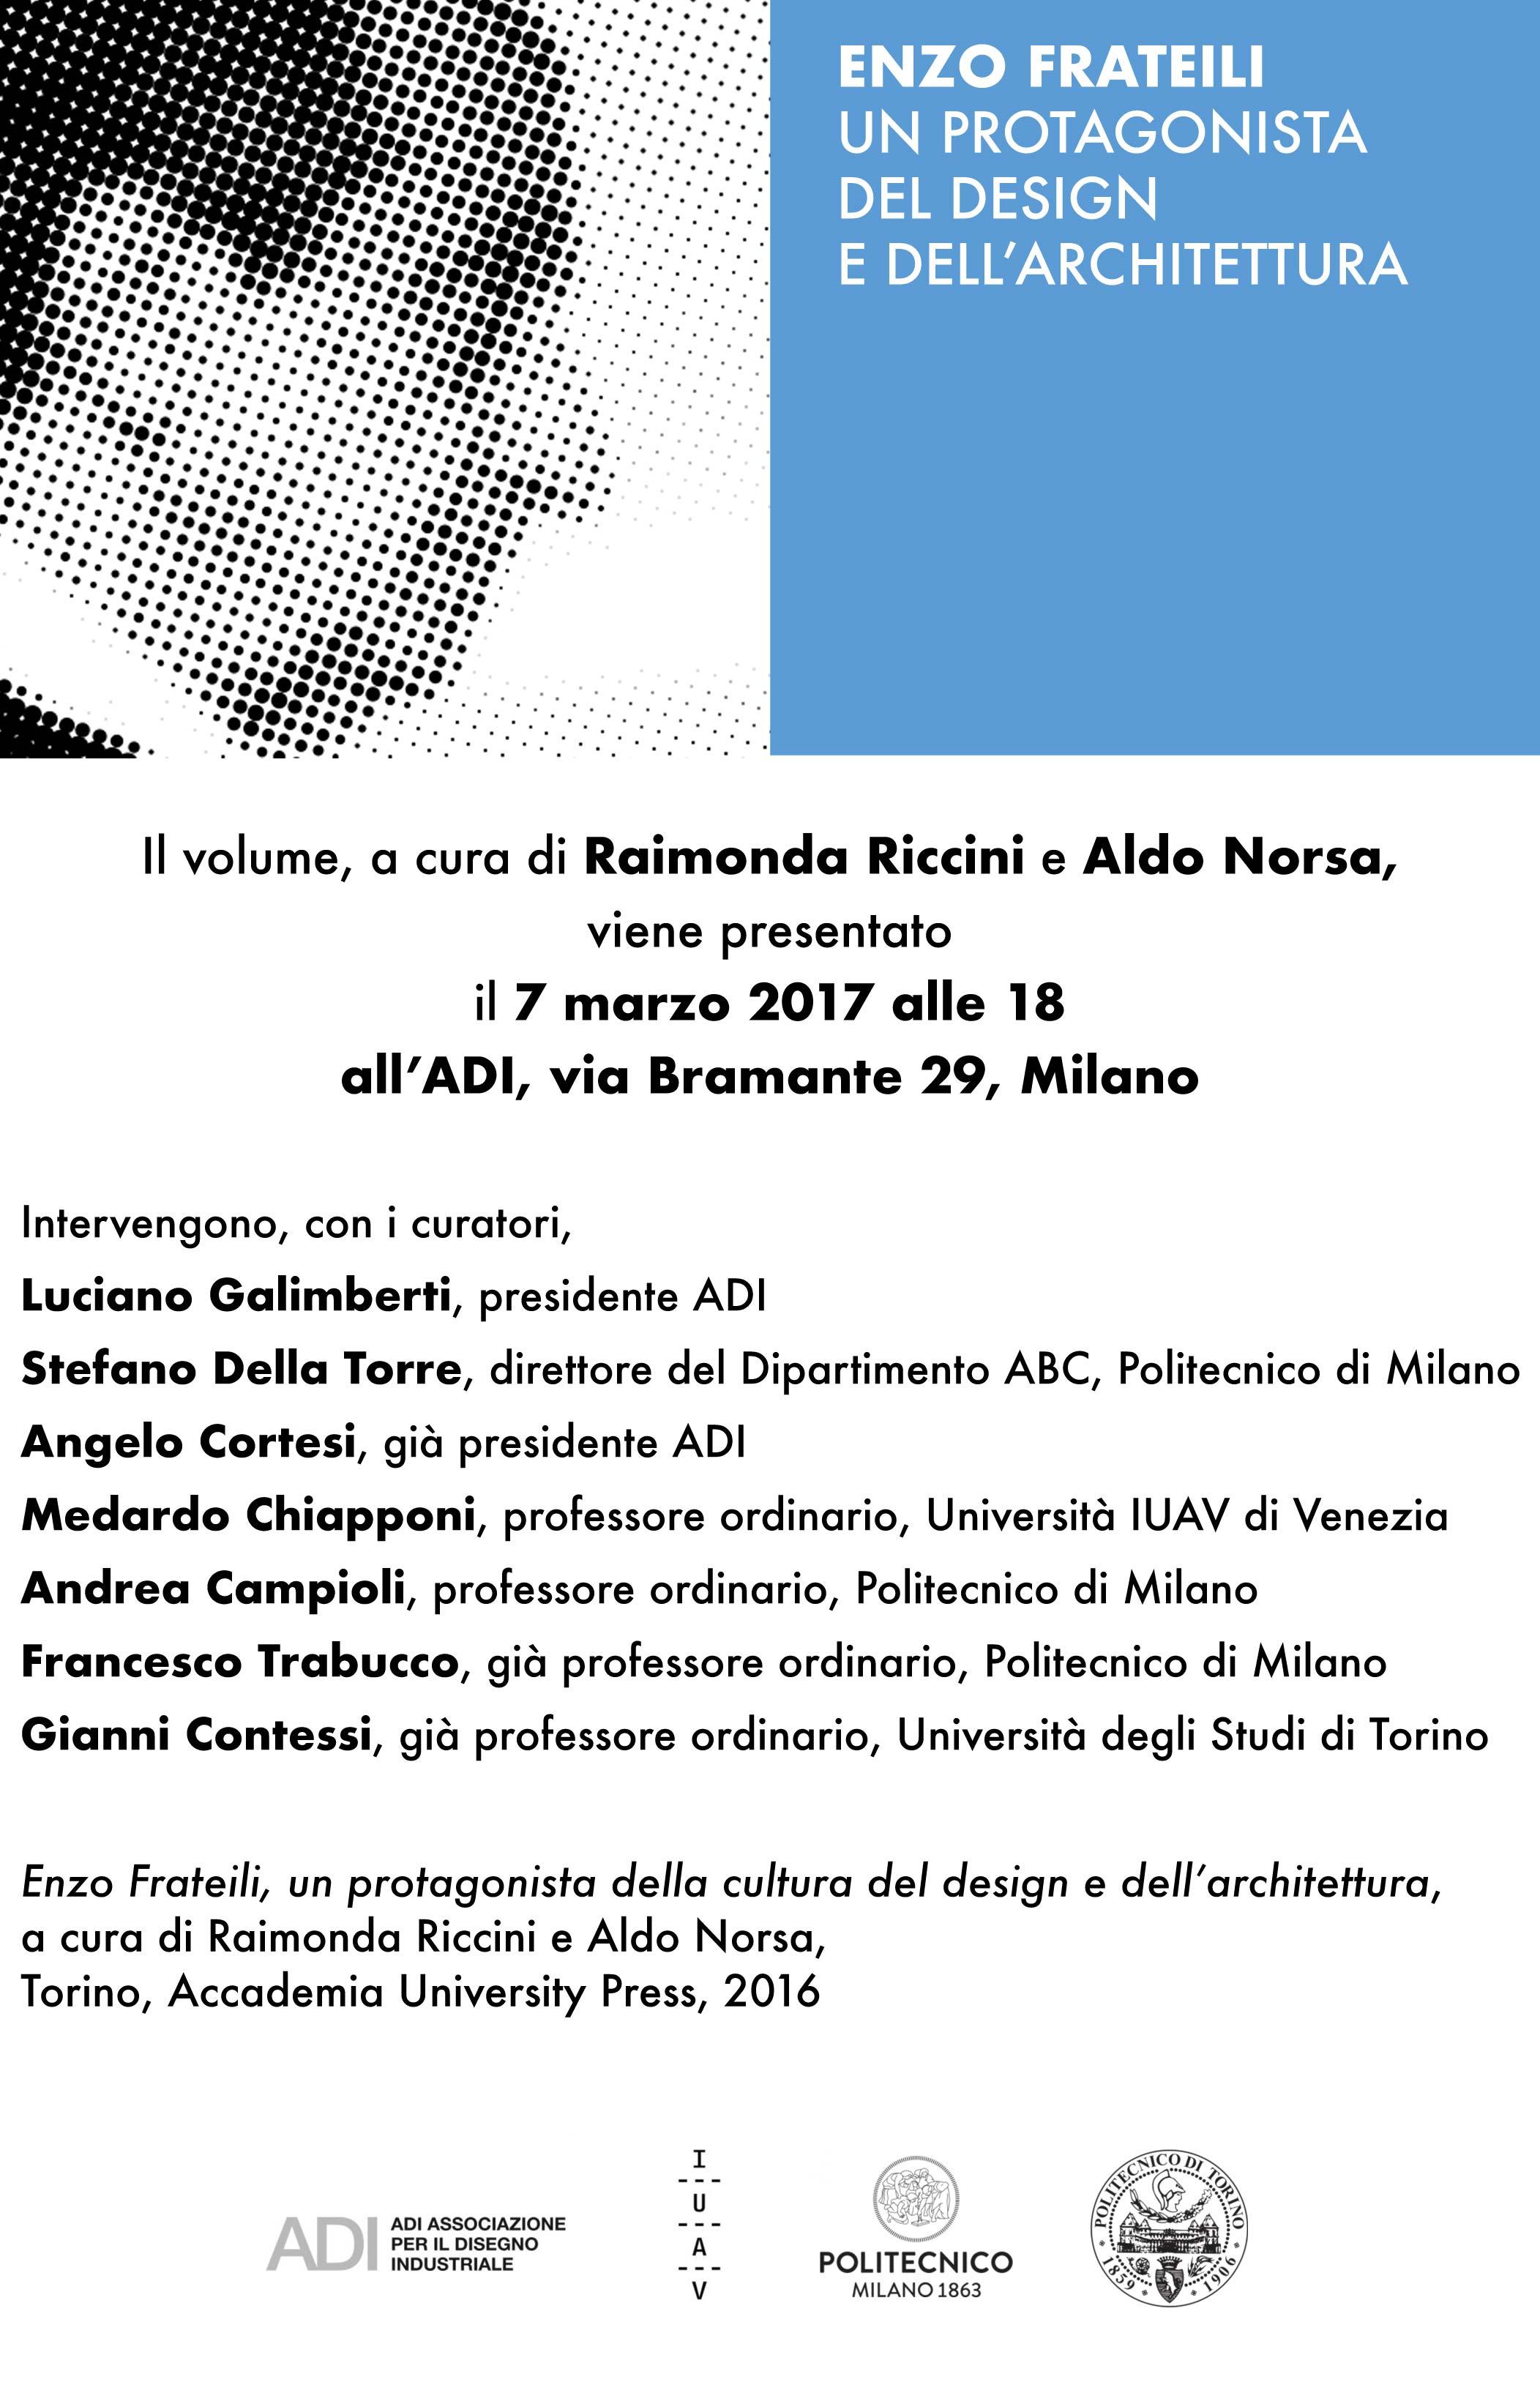 Invito Frateili